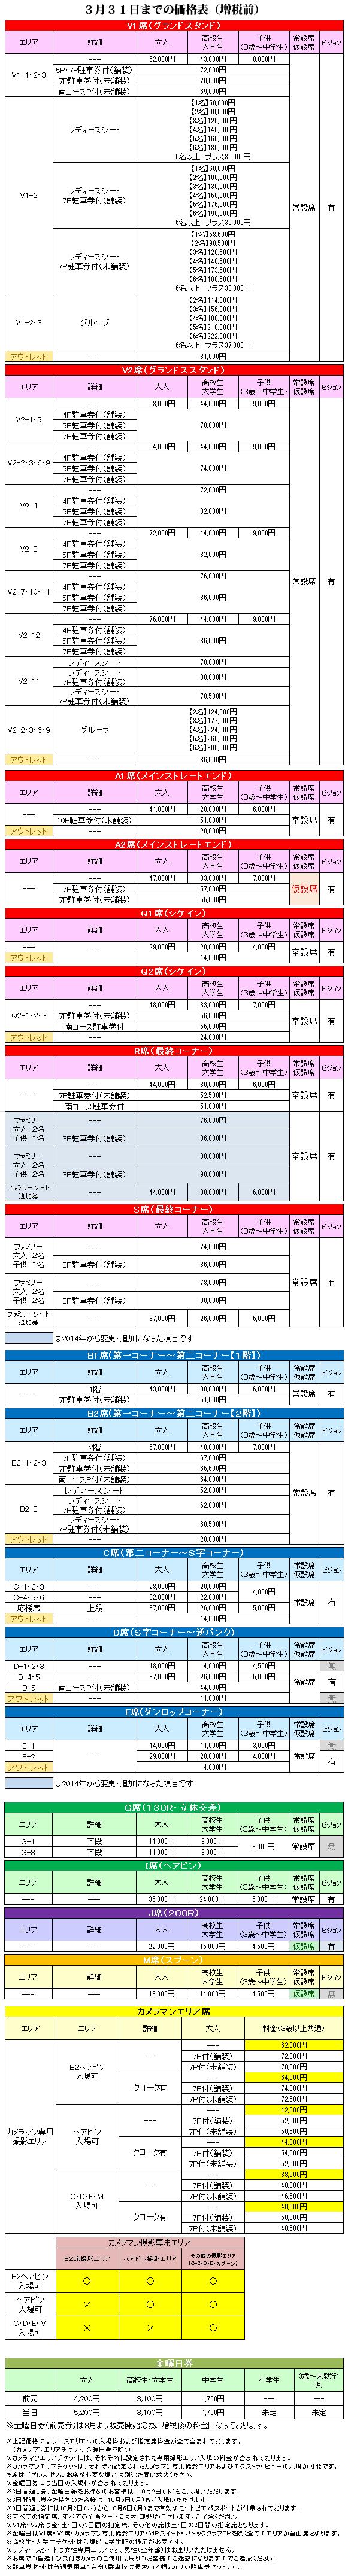 料金表(増税前)